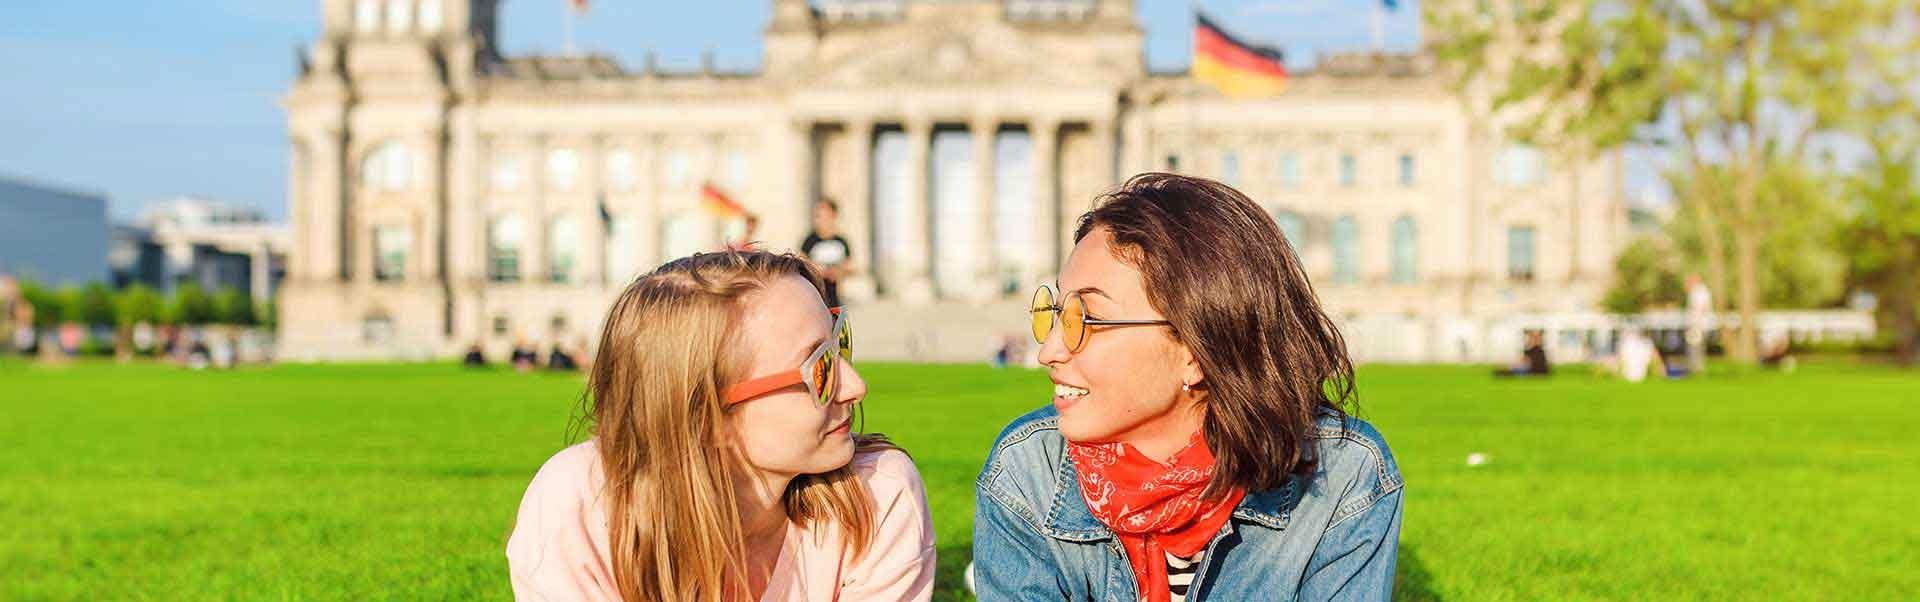 Chương trình Trung học tại Đức của Educatius năm 2019 dành cho Học sinh Quốc tế